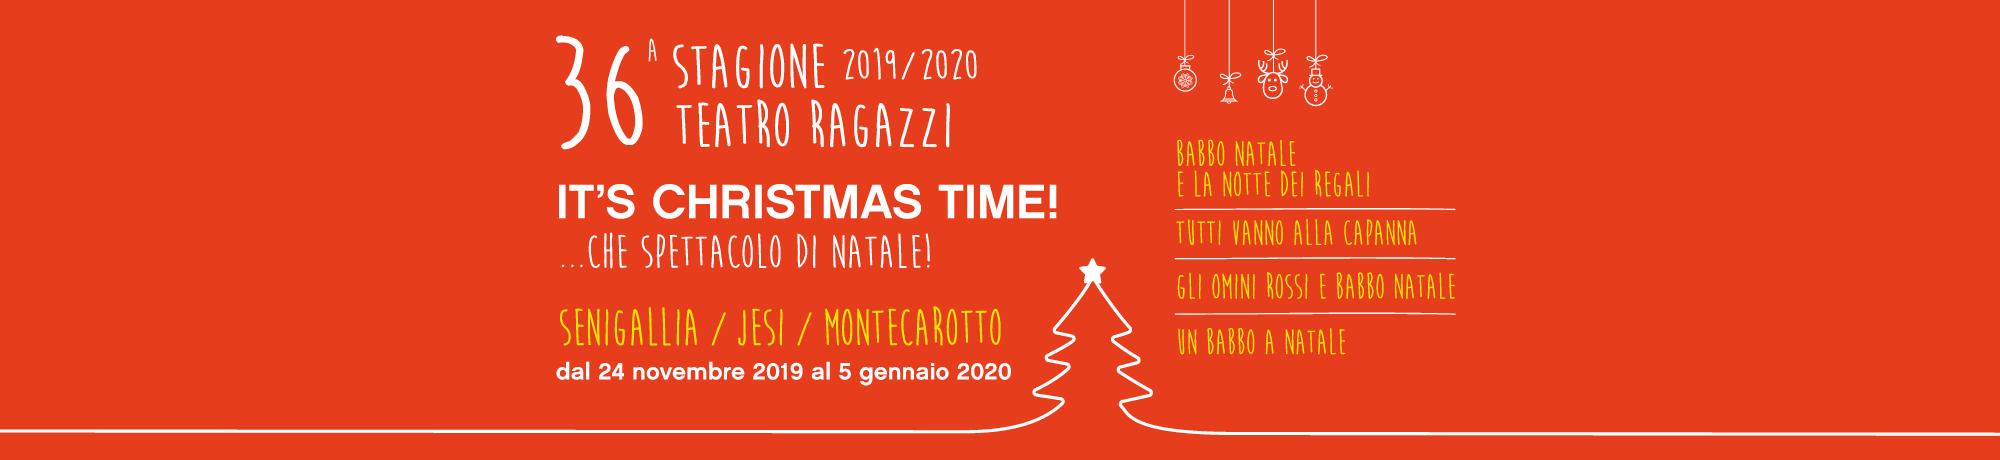 Slide_sito_atgtp_stag_teatro_ragazzi_2020_natale